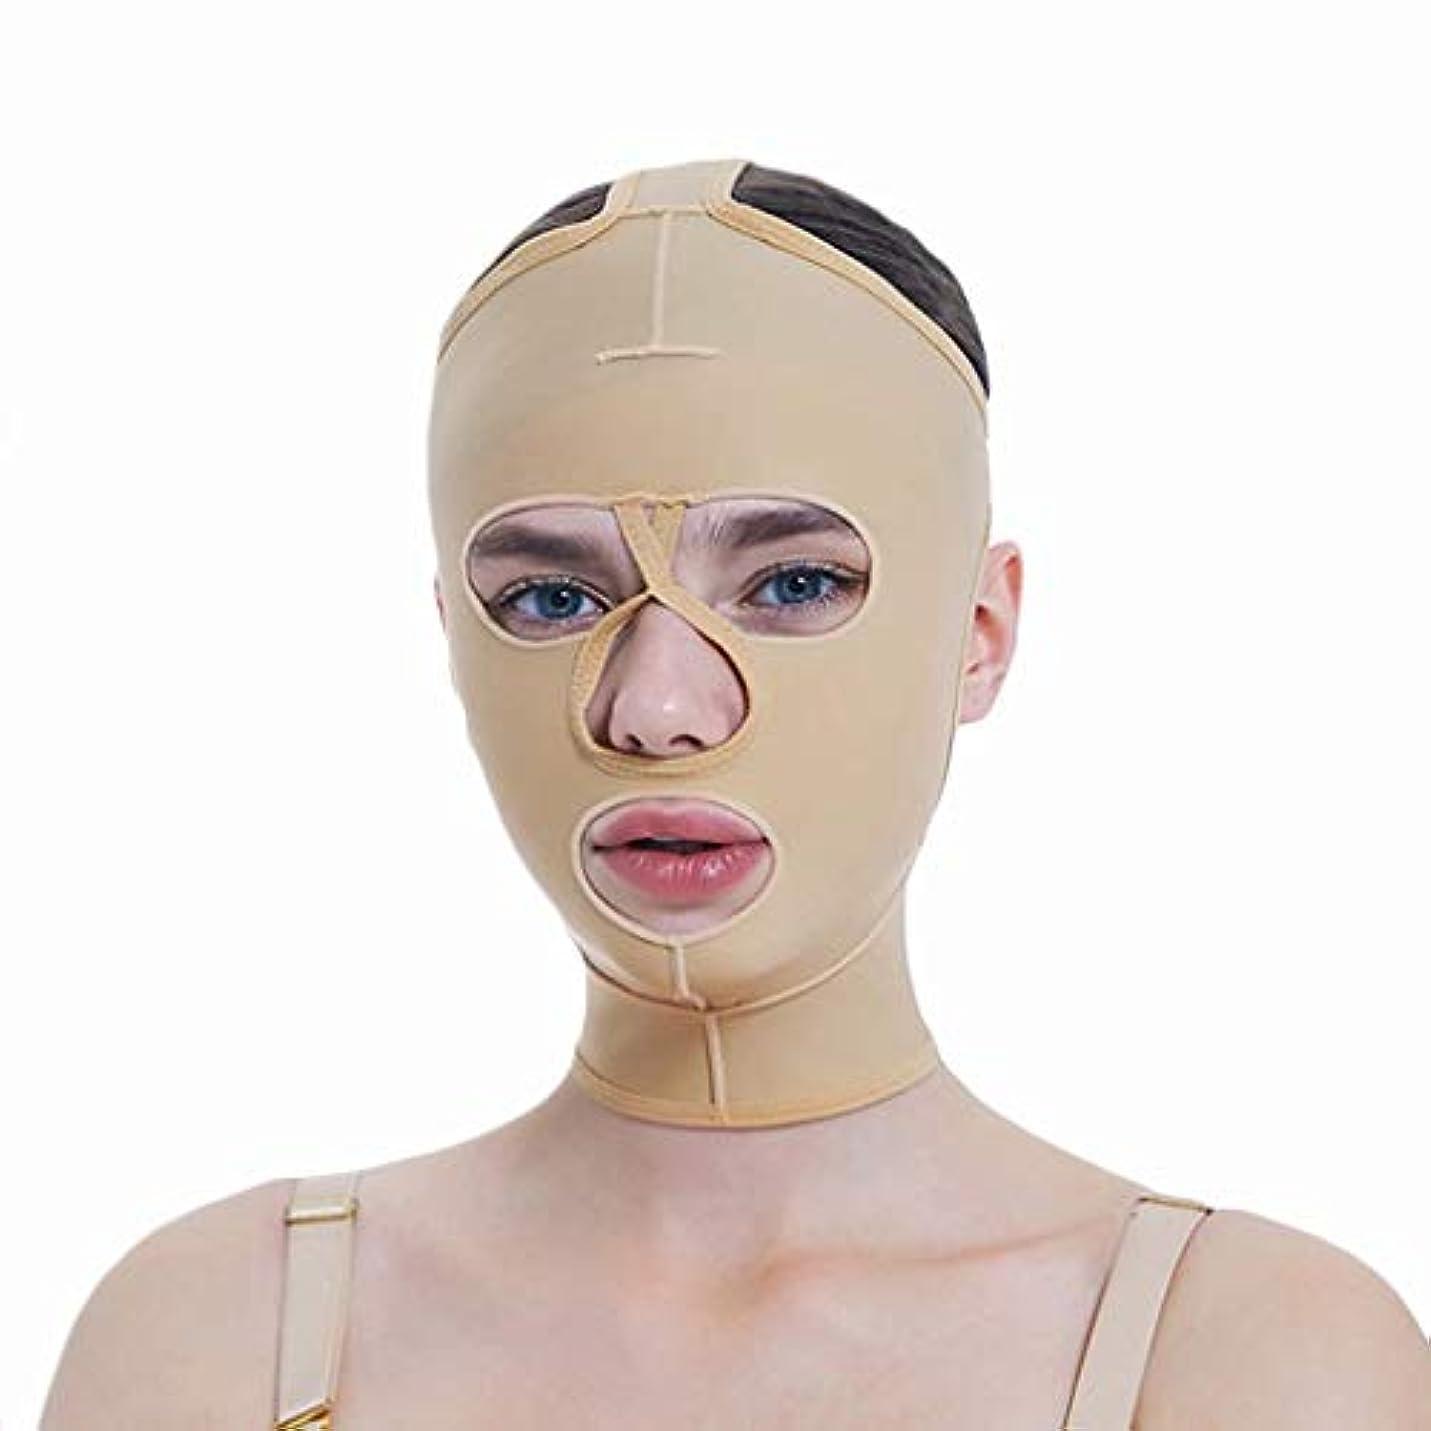 カプセル機械匿名フェイシャル減量マスク、フルカバレッジ包帯、フルフェイスリフティングマスク、フェイスマスク、快適で リフティングシェーピング(サイズ:S),ザ?